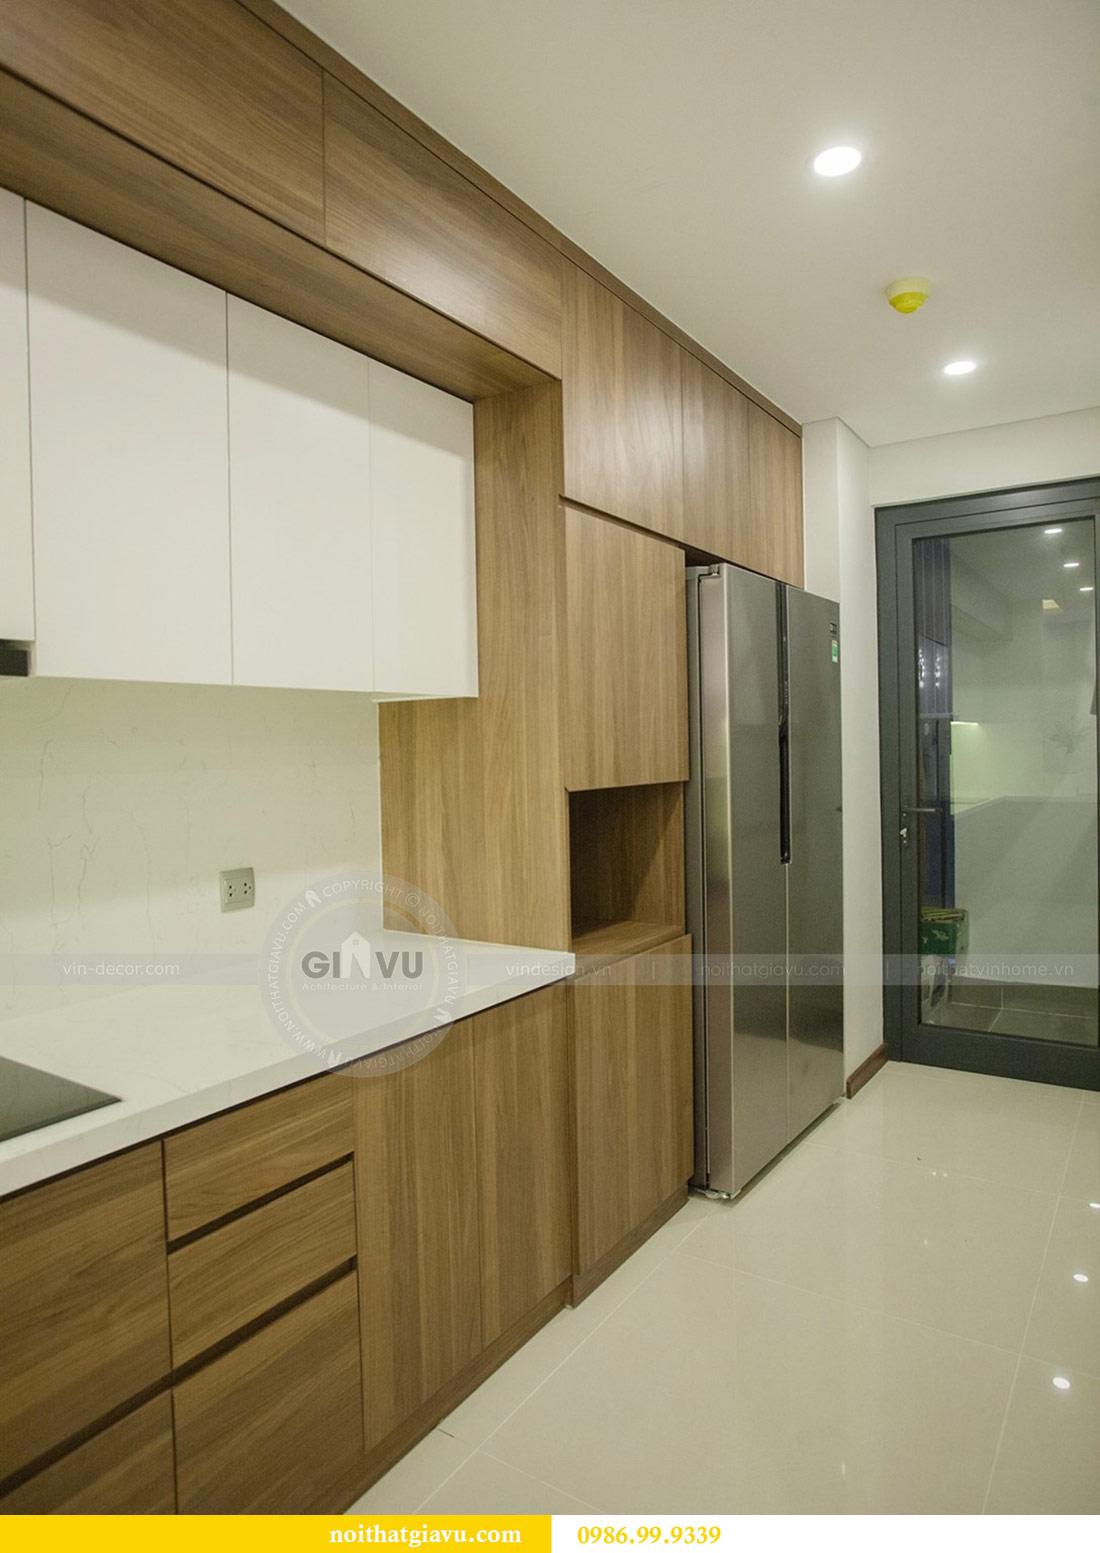 Thi công nội thất căn hộ 108m2 tại chung cư Ngoại Giao Đoàn - chị Hương 9